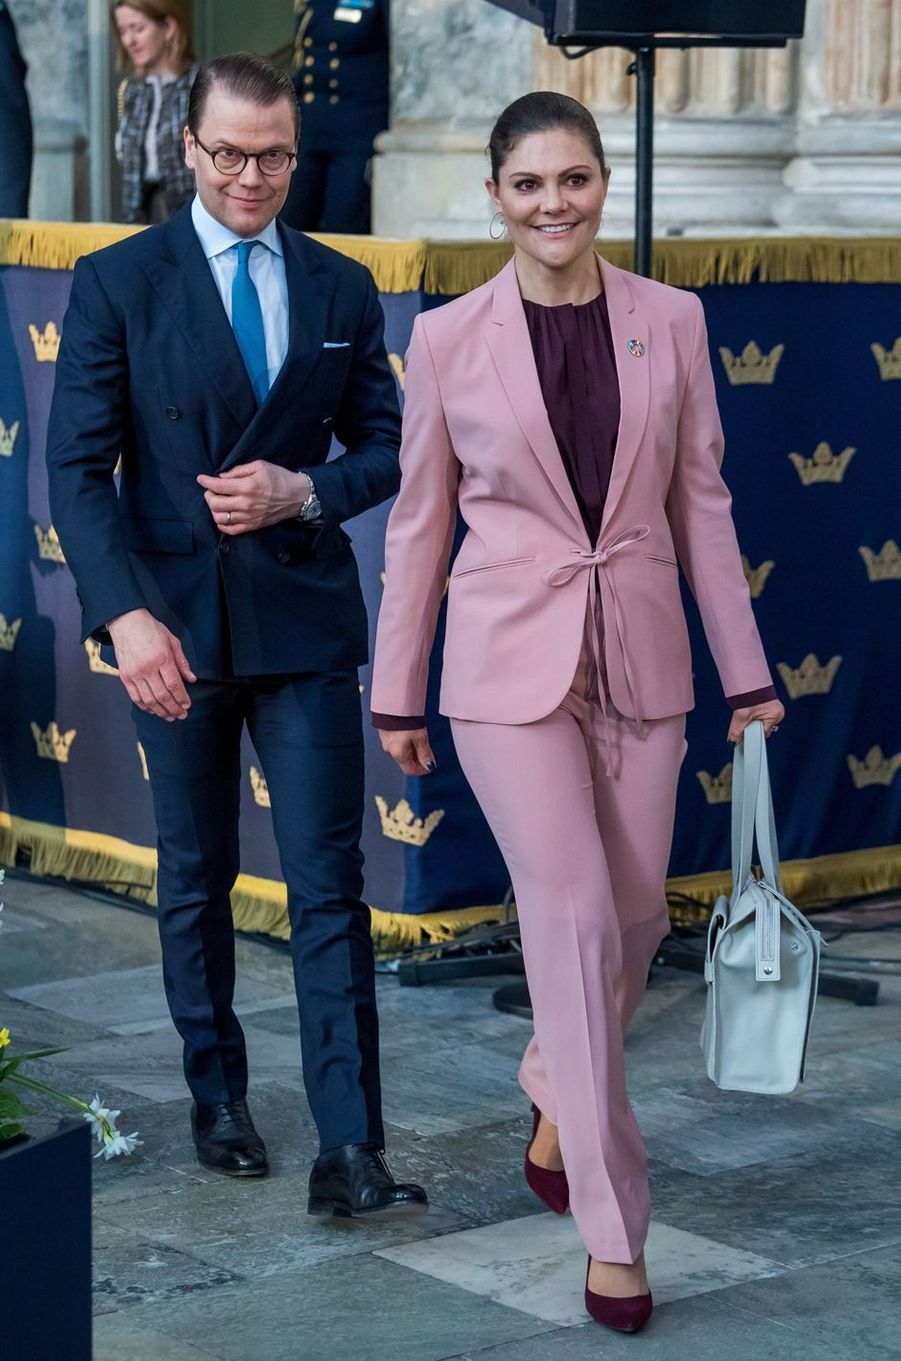 La princesse Victoria de Suède et le prince consort Daniel à Stockholm, le 11 avril 2018